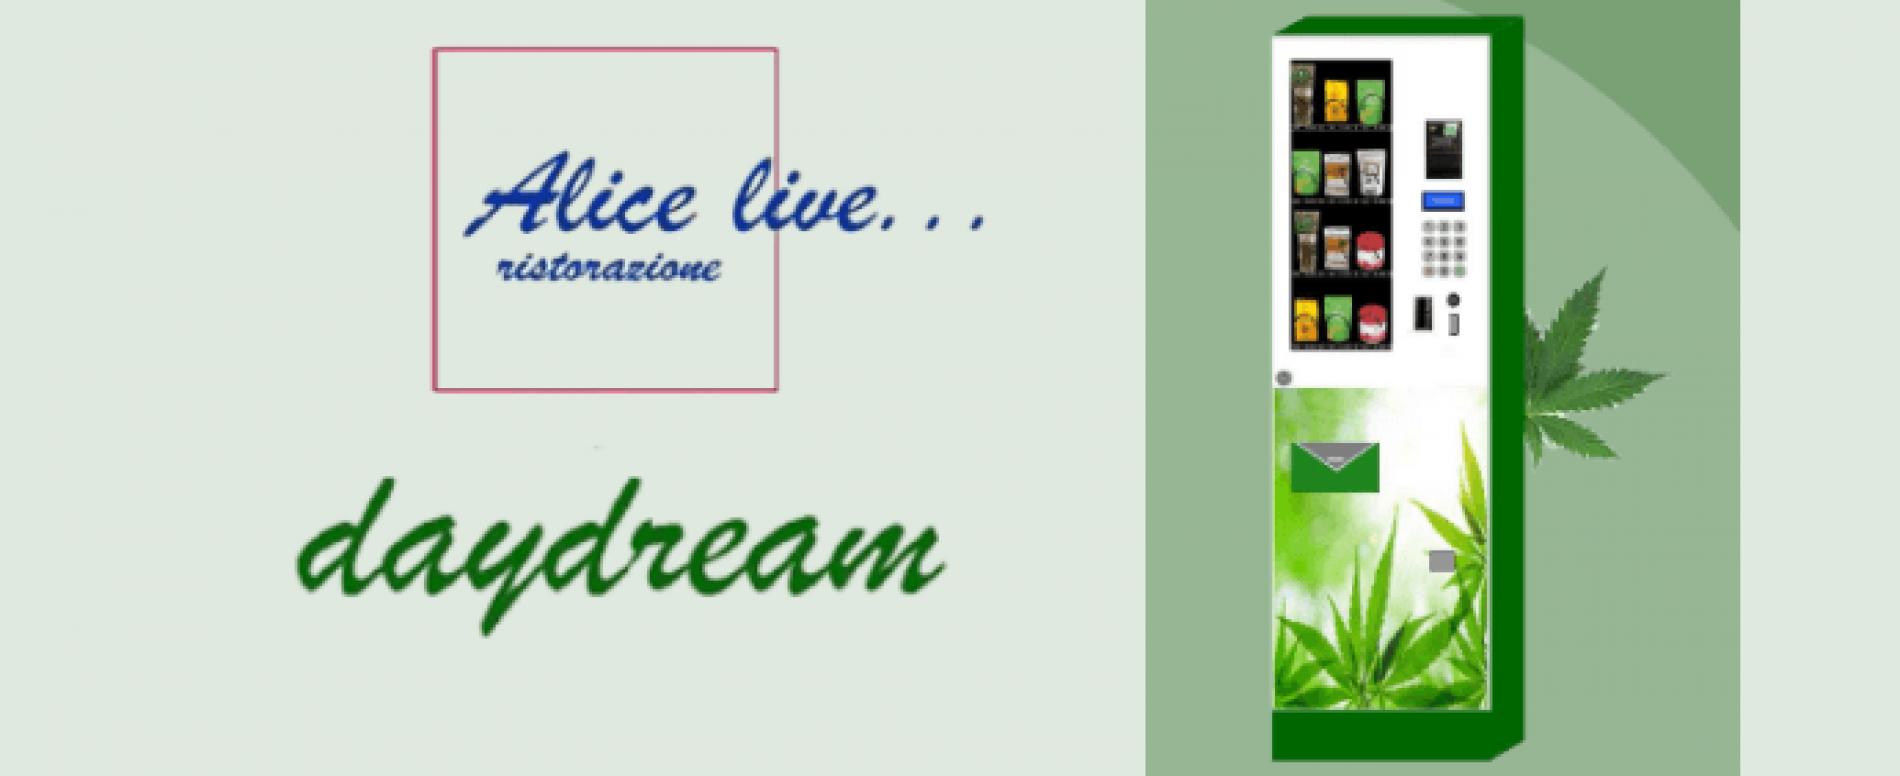 Alice Live Ristorazione entra nel mondo della cannabis legale